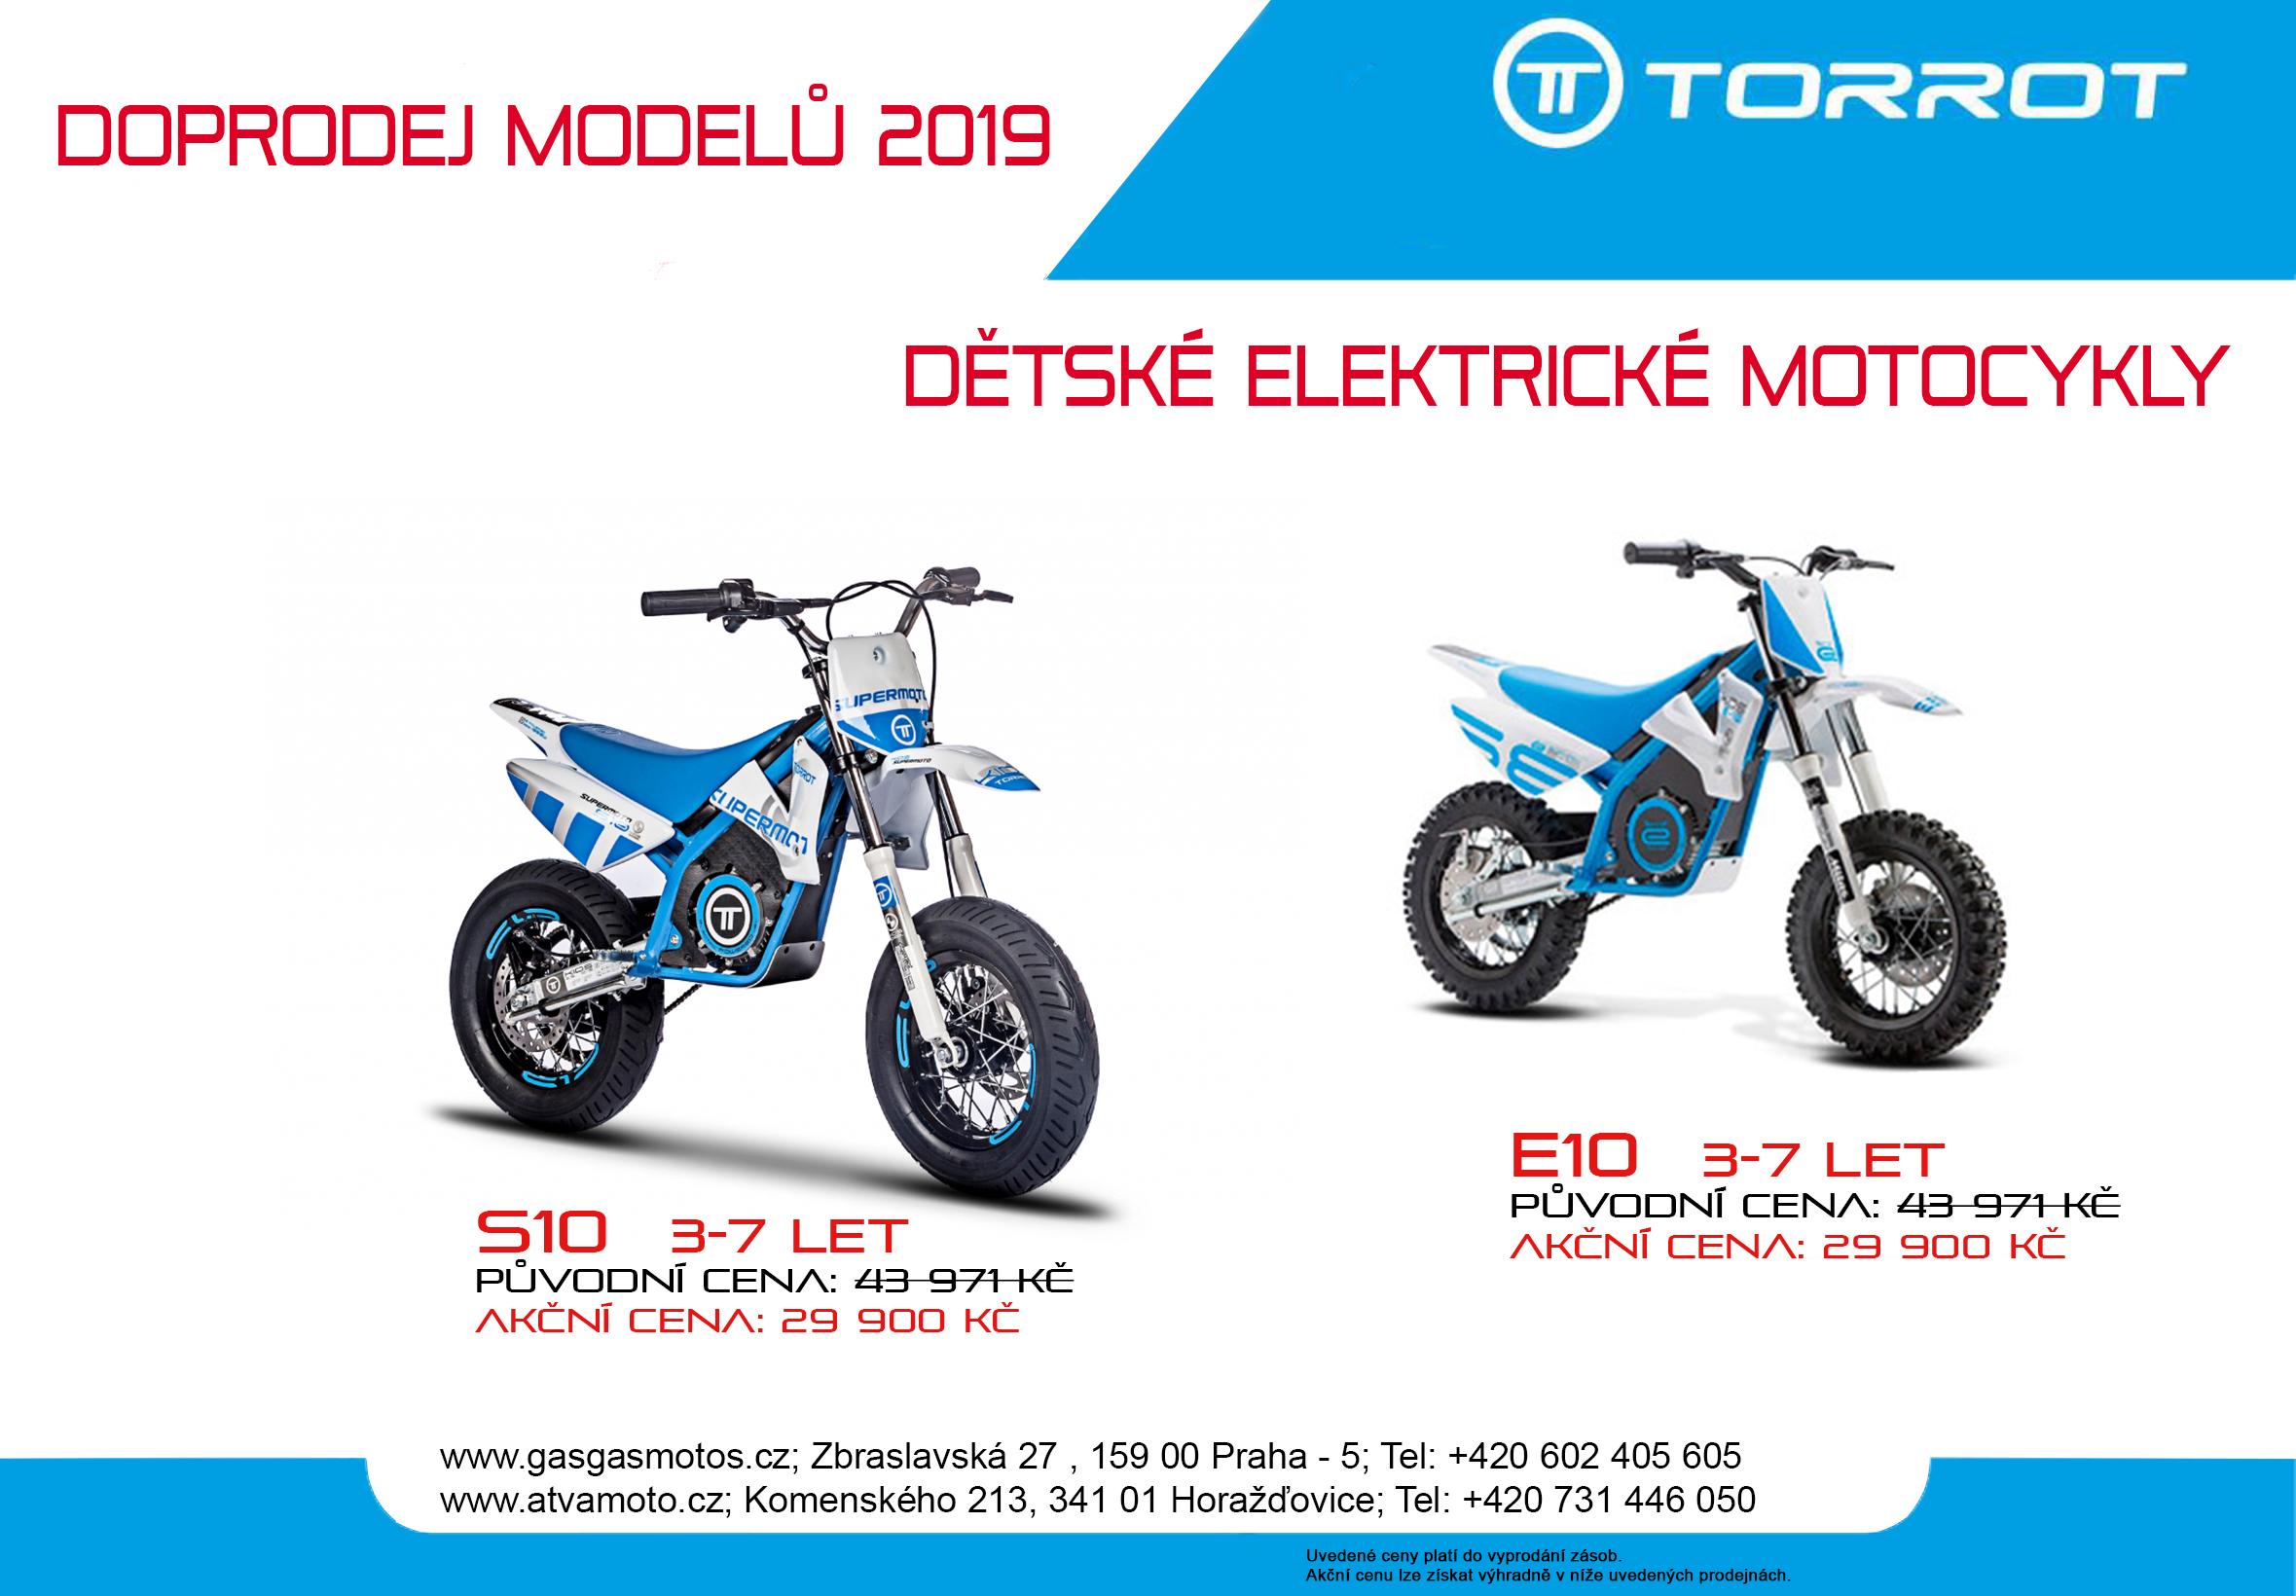 Doprodej modelů 2019